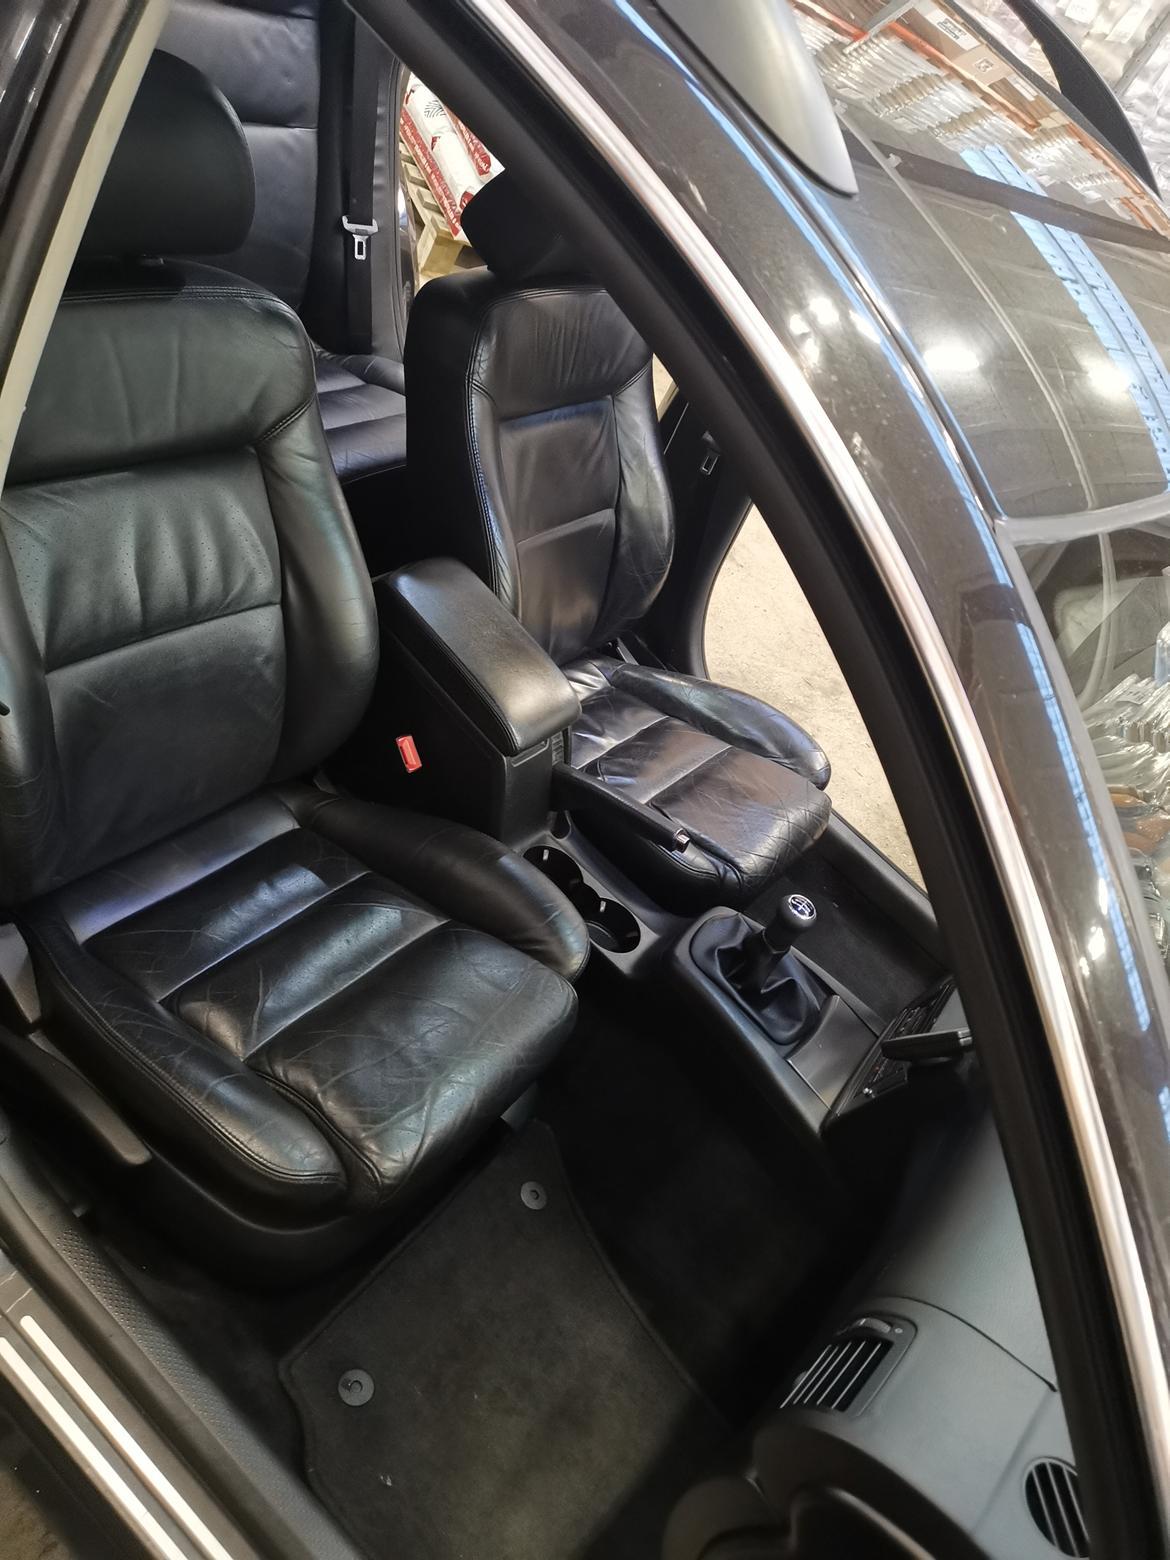 VW Passat 1.9 TDI 130 HK 6G highline billede 13